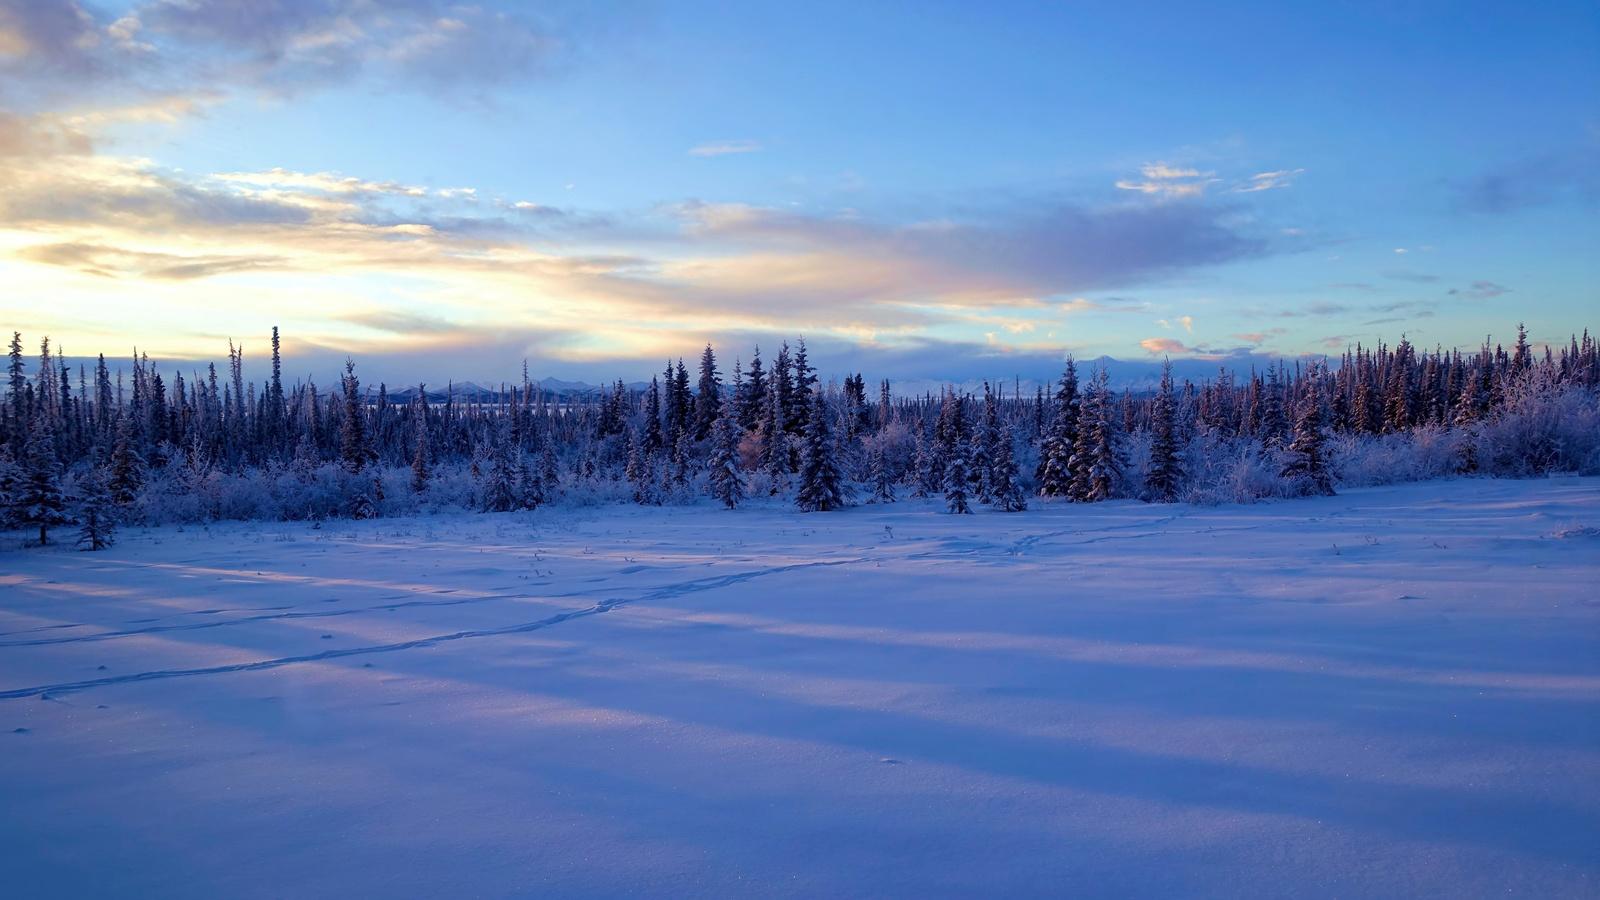 аляска, зима, закат, деревья, пейзаж